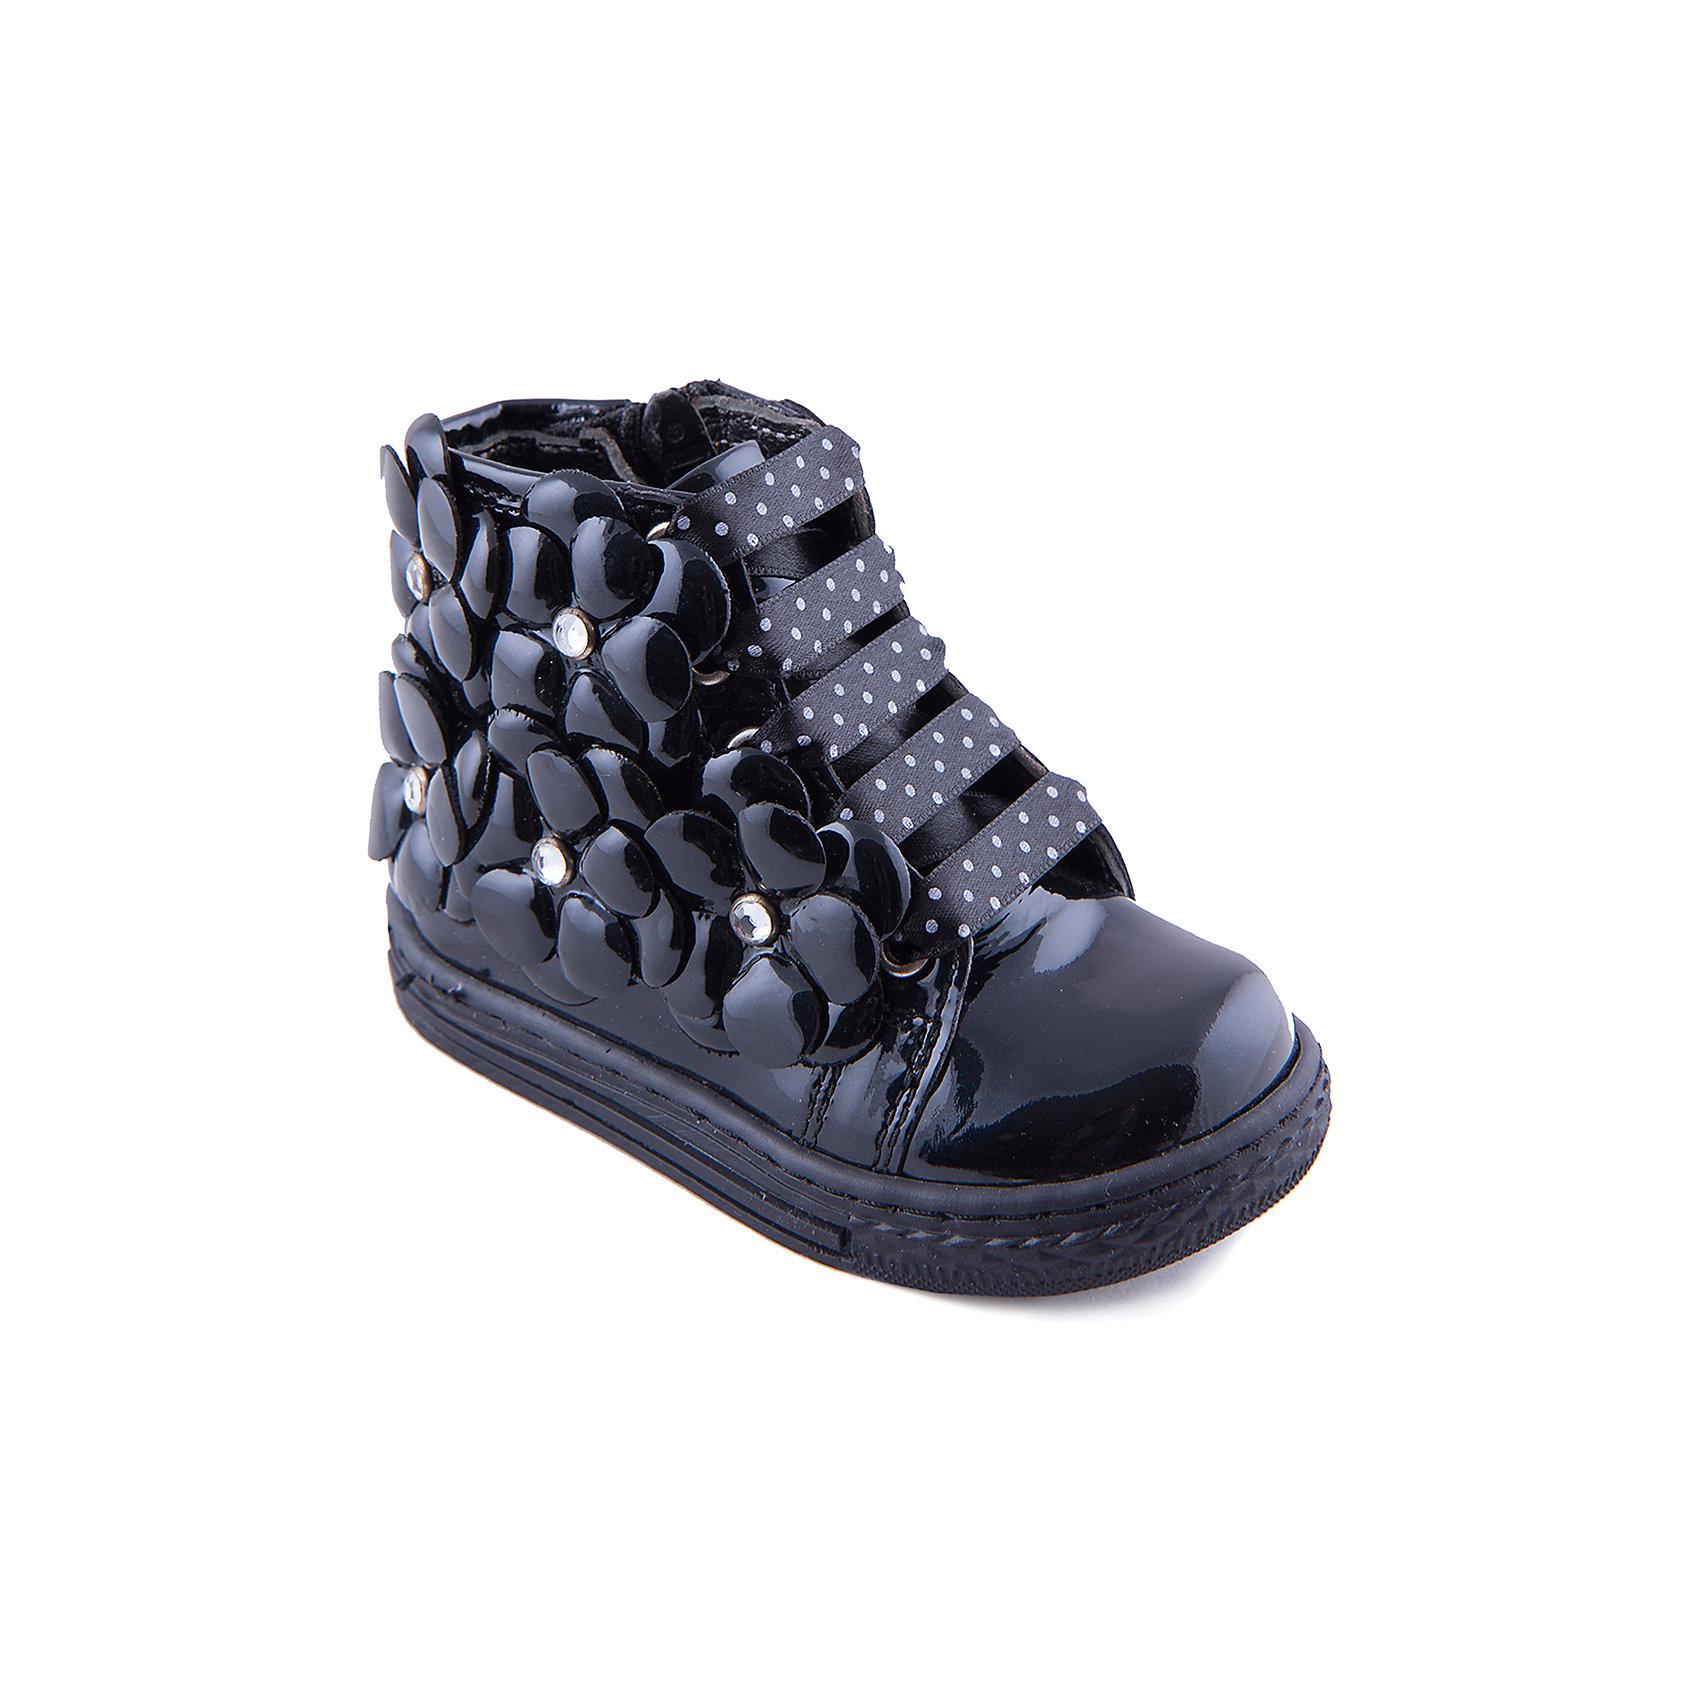 Ботинки для девочки MinimenБотинки<br>Эффектные ботинки из натуральной кожи для девочки от известного бренда Minimen. Изделие предназначено для использования в сухую погоду при температуре воздуха выше +10 градусов и обладает следующими особенностями:<br>- глубокий черный цвет, объемный декор, лак;<br>- шнурки в белый горошек впереди, молния и маленький ремешок с кнопкой сбоку;<br>- усиленный противоударный мыс;<br>- высокий укрепленный задник, надежно фиксирующий пятку;<br>- подкладка из натуральной кожи;<br>- кожаная анатомическая стелька с супинатором обеспечивает поддержку стопы во всех отделах;<br>- легкая нескользящая подошва.<br>Идеальная обувь для любимых ножек.<br><br>Дополнительная информация:<br>- Температурный режим: выше +10 градусов<br>- Состав: <br>Материал верха: натуральная кожа 100%; <br>Материал подкладки: натуральная кожа 100%; <br>Материал подошвы: термопластик 100%<br><br>Ботинки для девочки Minimen (Минимен) можно купить в нашем магазине<br><br>Ширина мм: 262<br>Глубина мм: 176<br>Высота мм: 97<br>Вес г: 427<br>Цвет: синий<br>Возраст от месяцев: 36<br>Возраст до месяцев: 48<br>Пол: Женский<br>Возраст: Детский<br>Размер: 27,21,25,30,20,22,29,28,26,24,23<br>SKU: 4006239